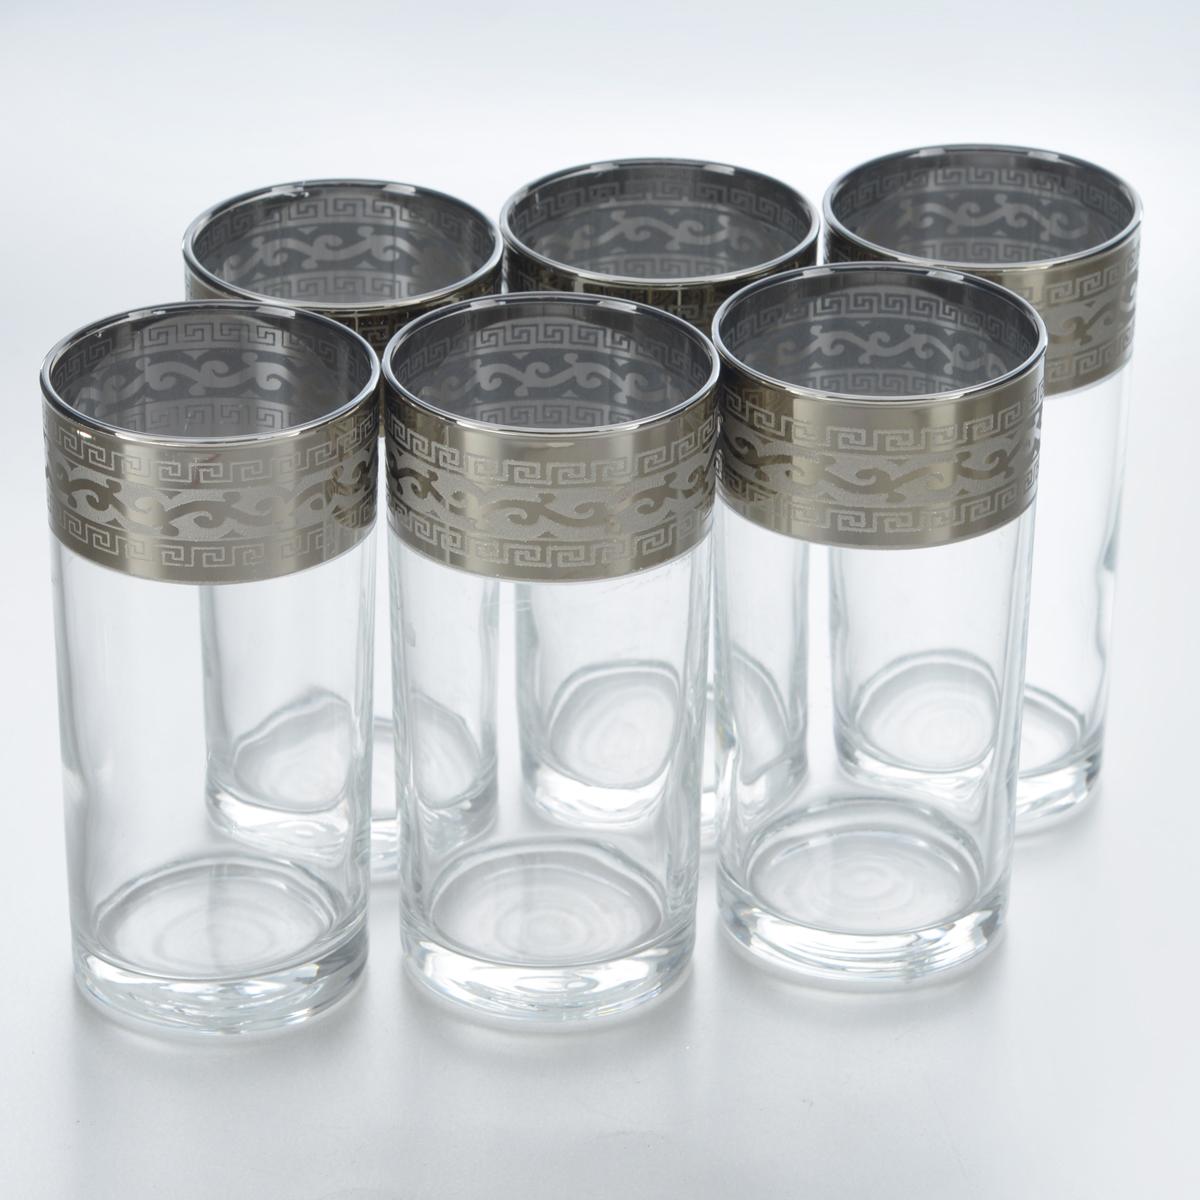 Набор стаканов для сока Гусь-Хрустальный Версаче, 290 мл, 6 штVT-1520(SR)Набор Гусь-Хрустальный Версаче состоит из 6 высоких стаканов, изготовленных из высококачественного натрий-кальций-силикатного стекла. Изделия оформлены красивым зеркальным покрытием и широкой окантовкой с оригинальным узором. Стаканы предназначены для подачи сока, а также воды и коктейлей. Такой набор прекрасно дополнит праздничный стол и станет желанным подарком в любом доме. Разрешается мыть в посудомоечной машине. Диаметр стакана (по верхнему краю): 6 см. Высота стакана: 12,8 см.Уважаемые клиенты! Обращаем ваше внимание на незначительные изменения в дизайне товара, допускаемые производителем. Поставка осуществляется в зависимости от наличия на складе.